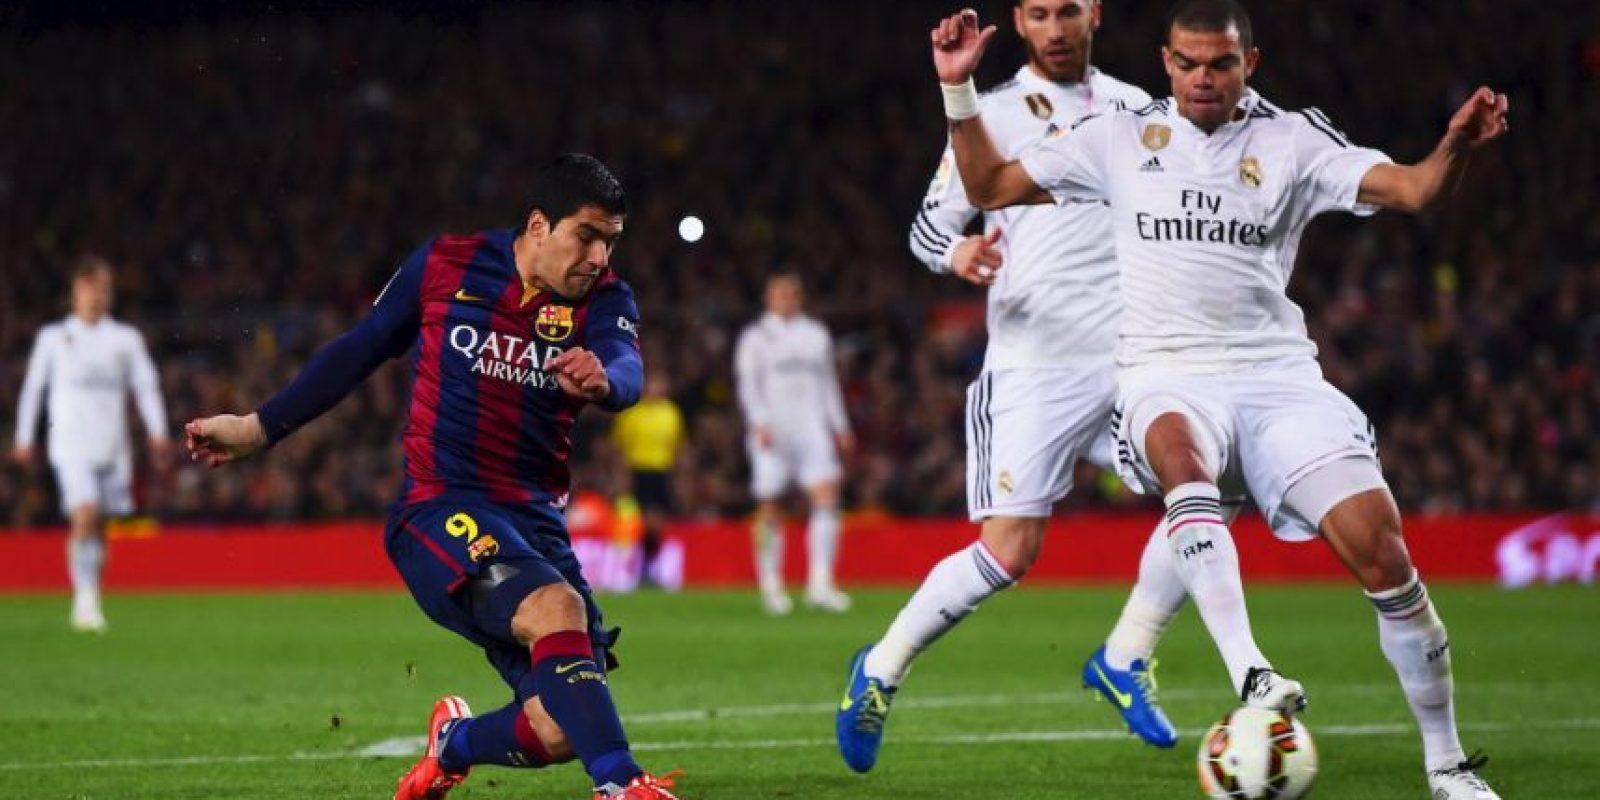 El disparo ya salió, la pelota terminará en las redes. Se colará en la base del palo derecho de Iker Casillas Foto:Getty Images